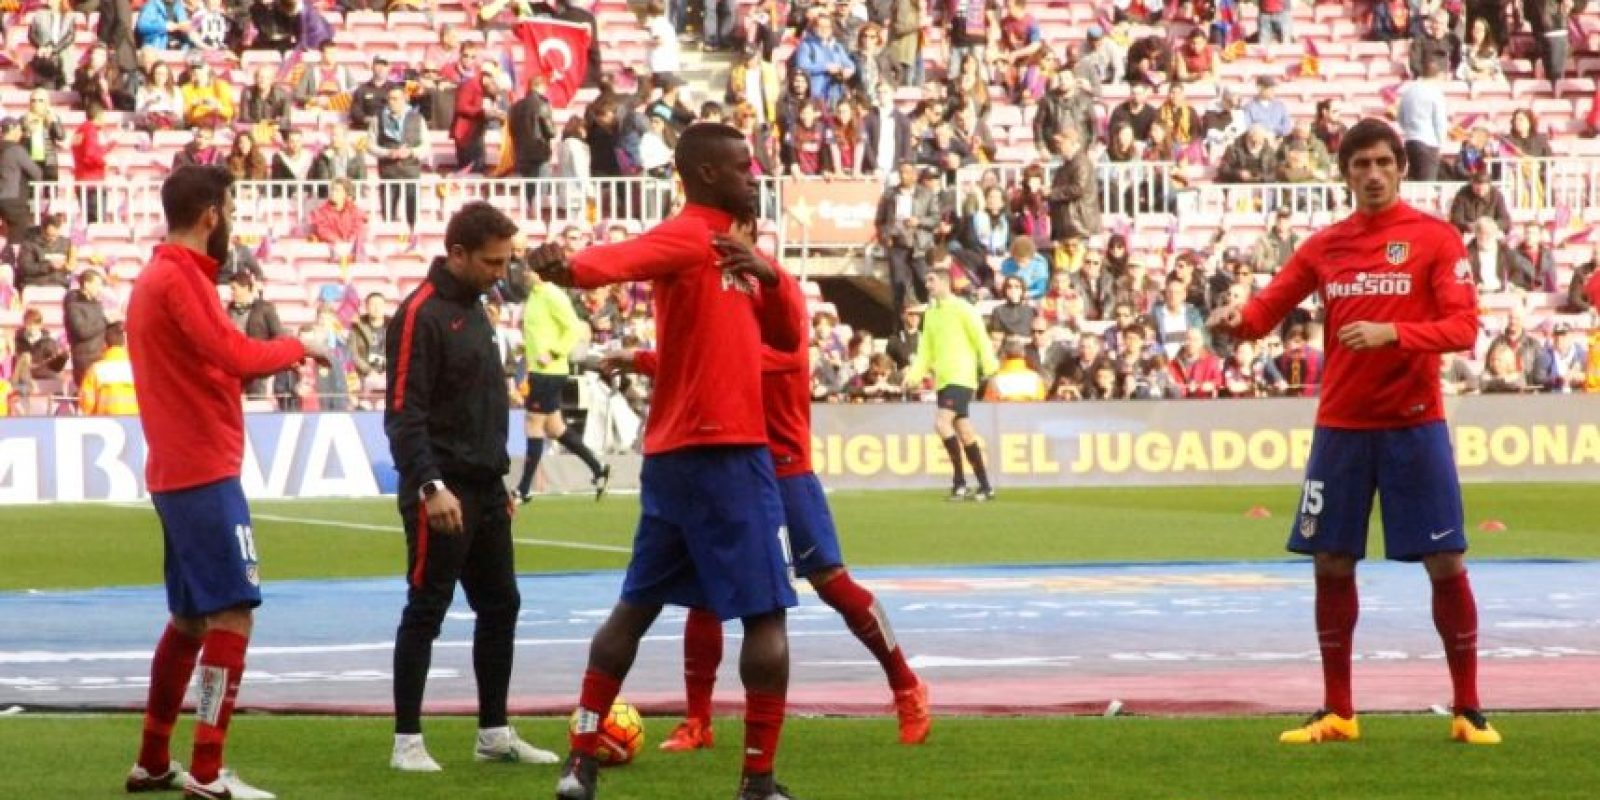 El colombiano llegó al Atlético de Madrid como refuerzo estelar a mediados del año pasado Foto:Ramón Mompió